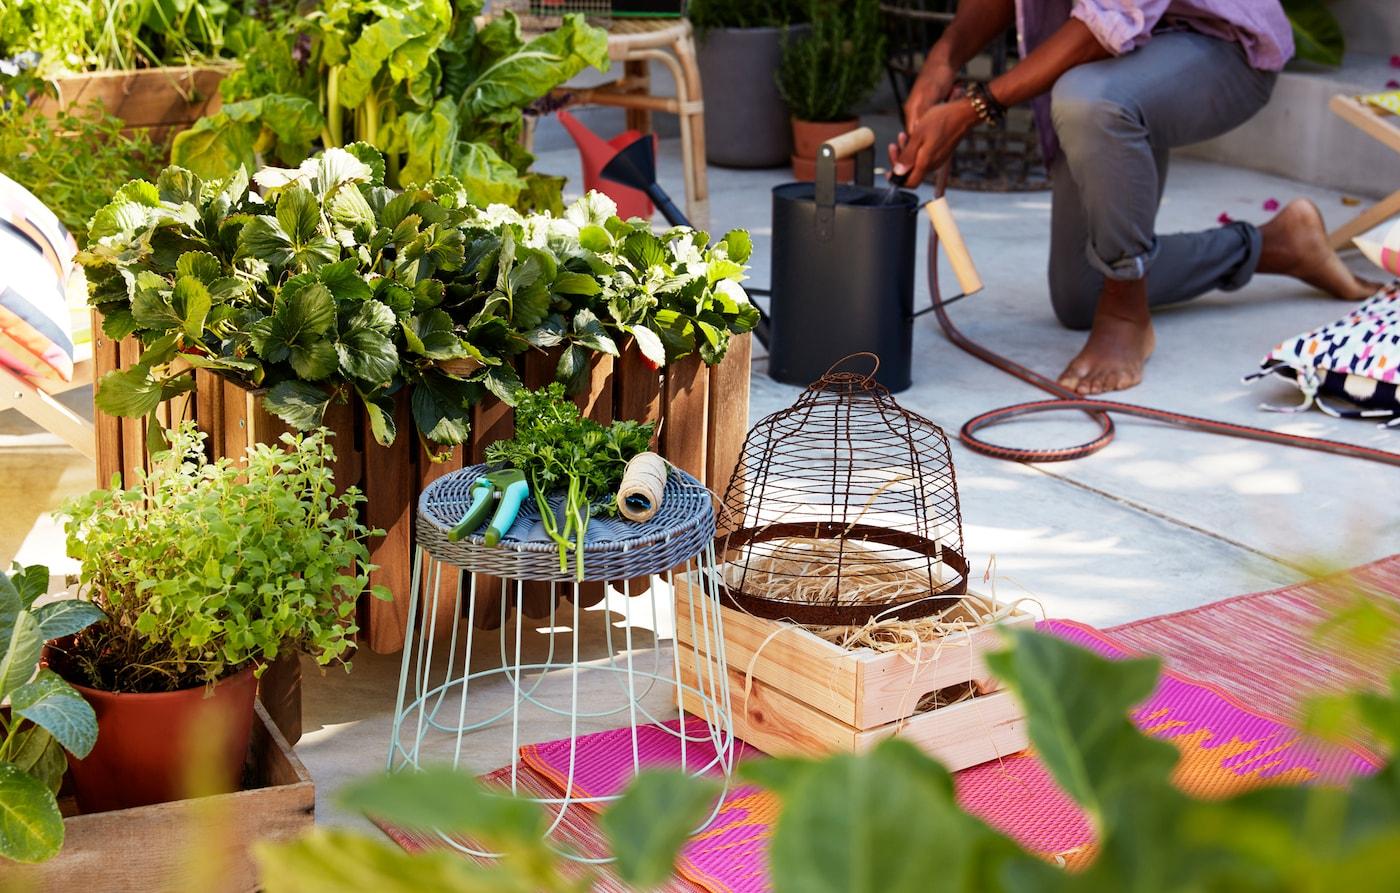 Ampia fioriera in legno con piante su una superficie di cemento all'aperto, circondata da tappeti, uno sgabello e utensili da giardino - IKEA